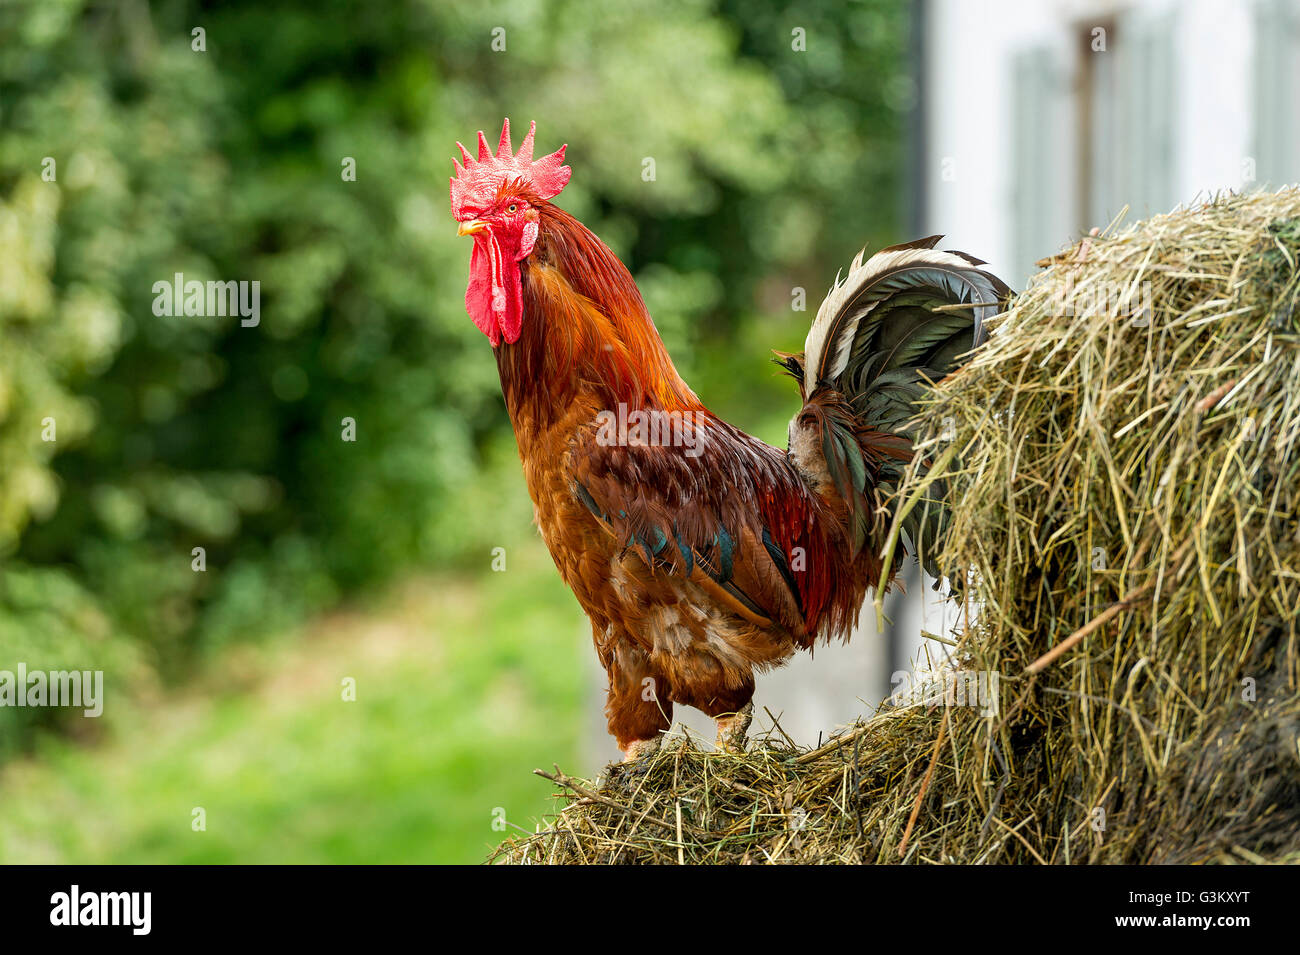 Poulet (Gallus gallus domesticus), coq sur tas de fumier, de Haute-bavière, Bavière, Allemagne Photo Stock